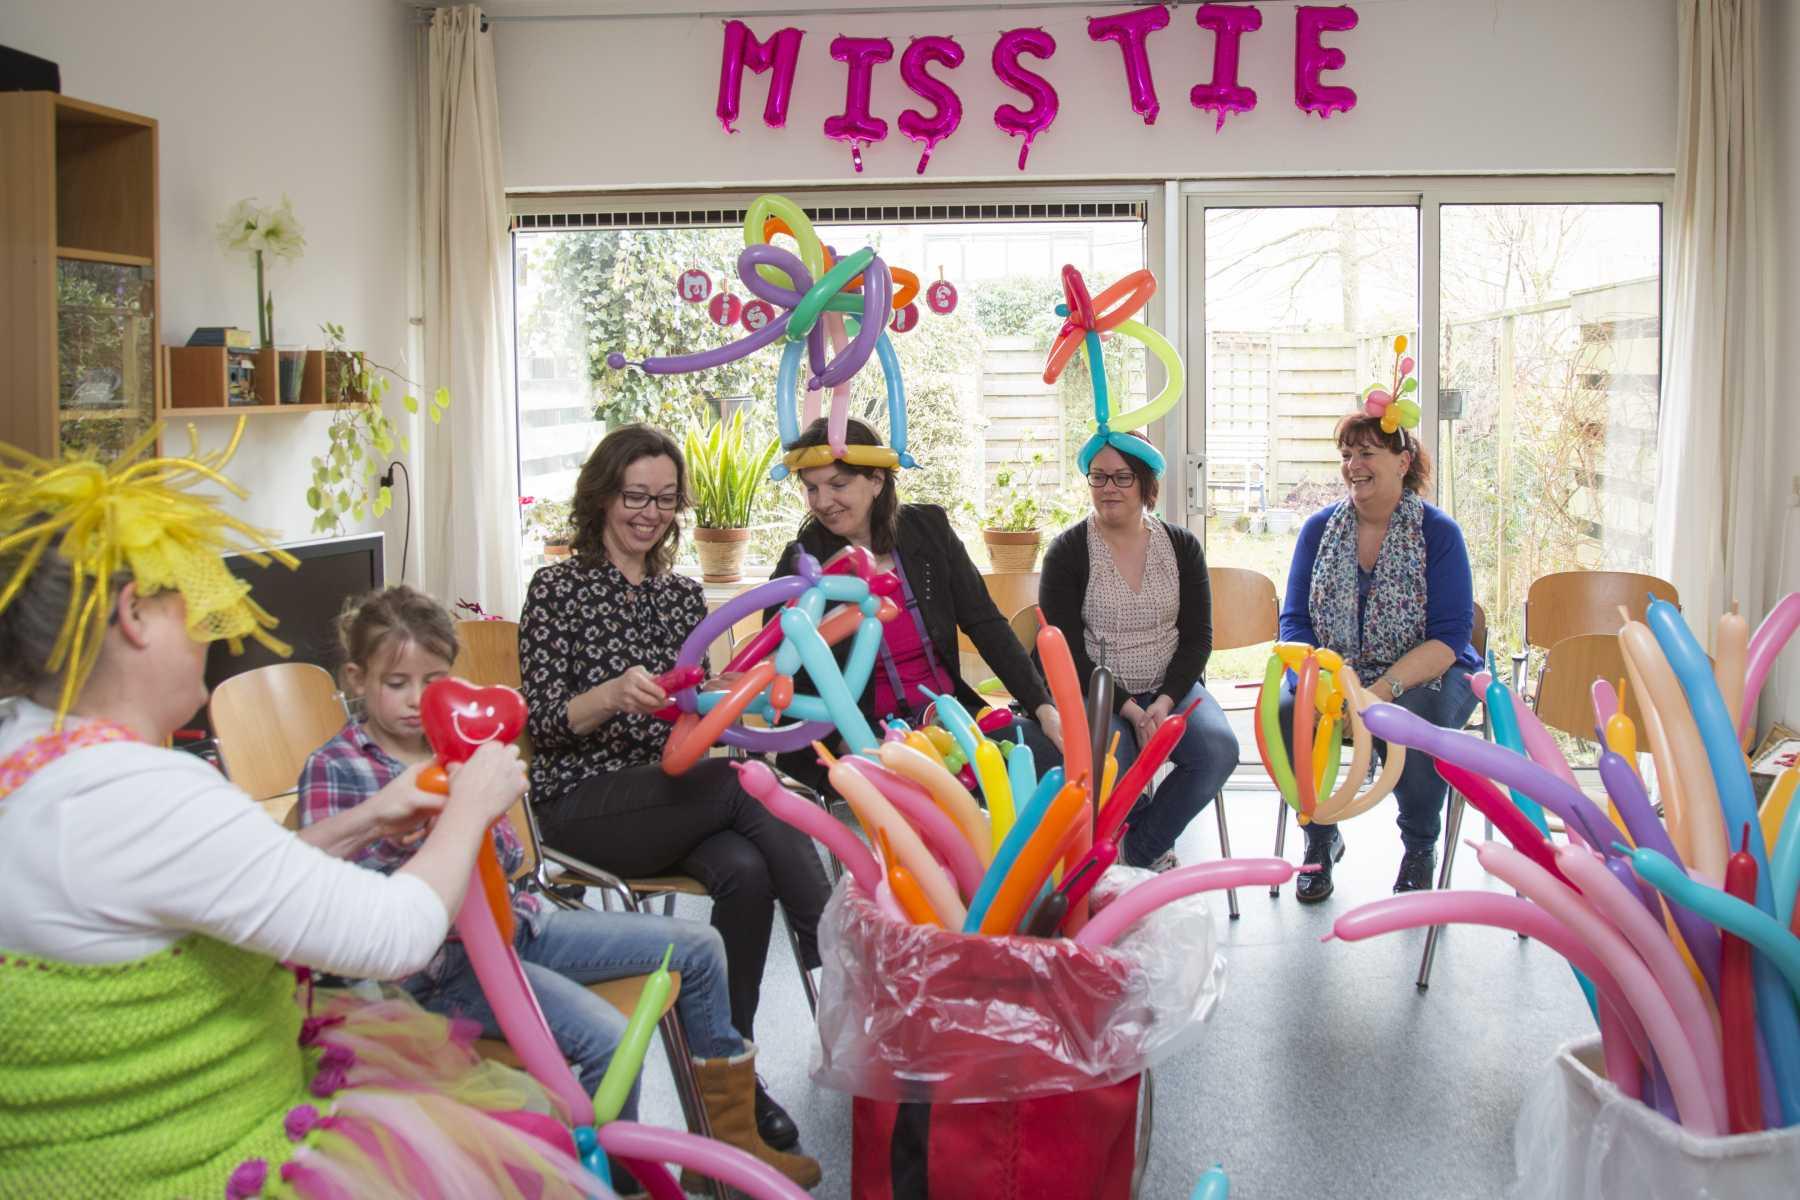 Gluren bij de buren in Leusden Miss Tie presentatie Myra Steens